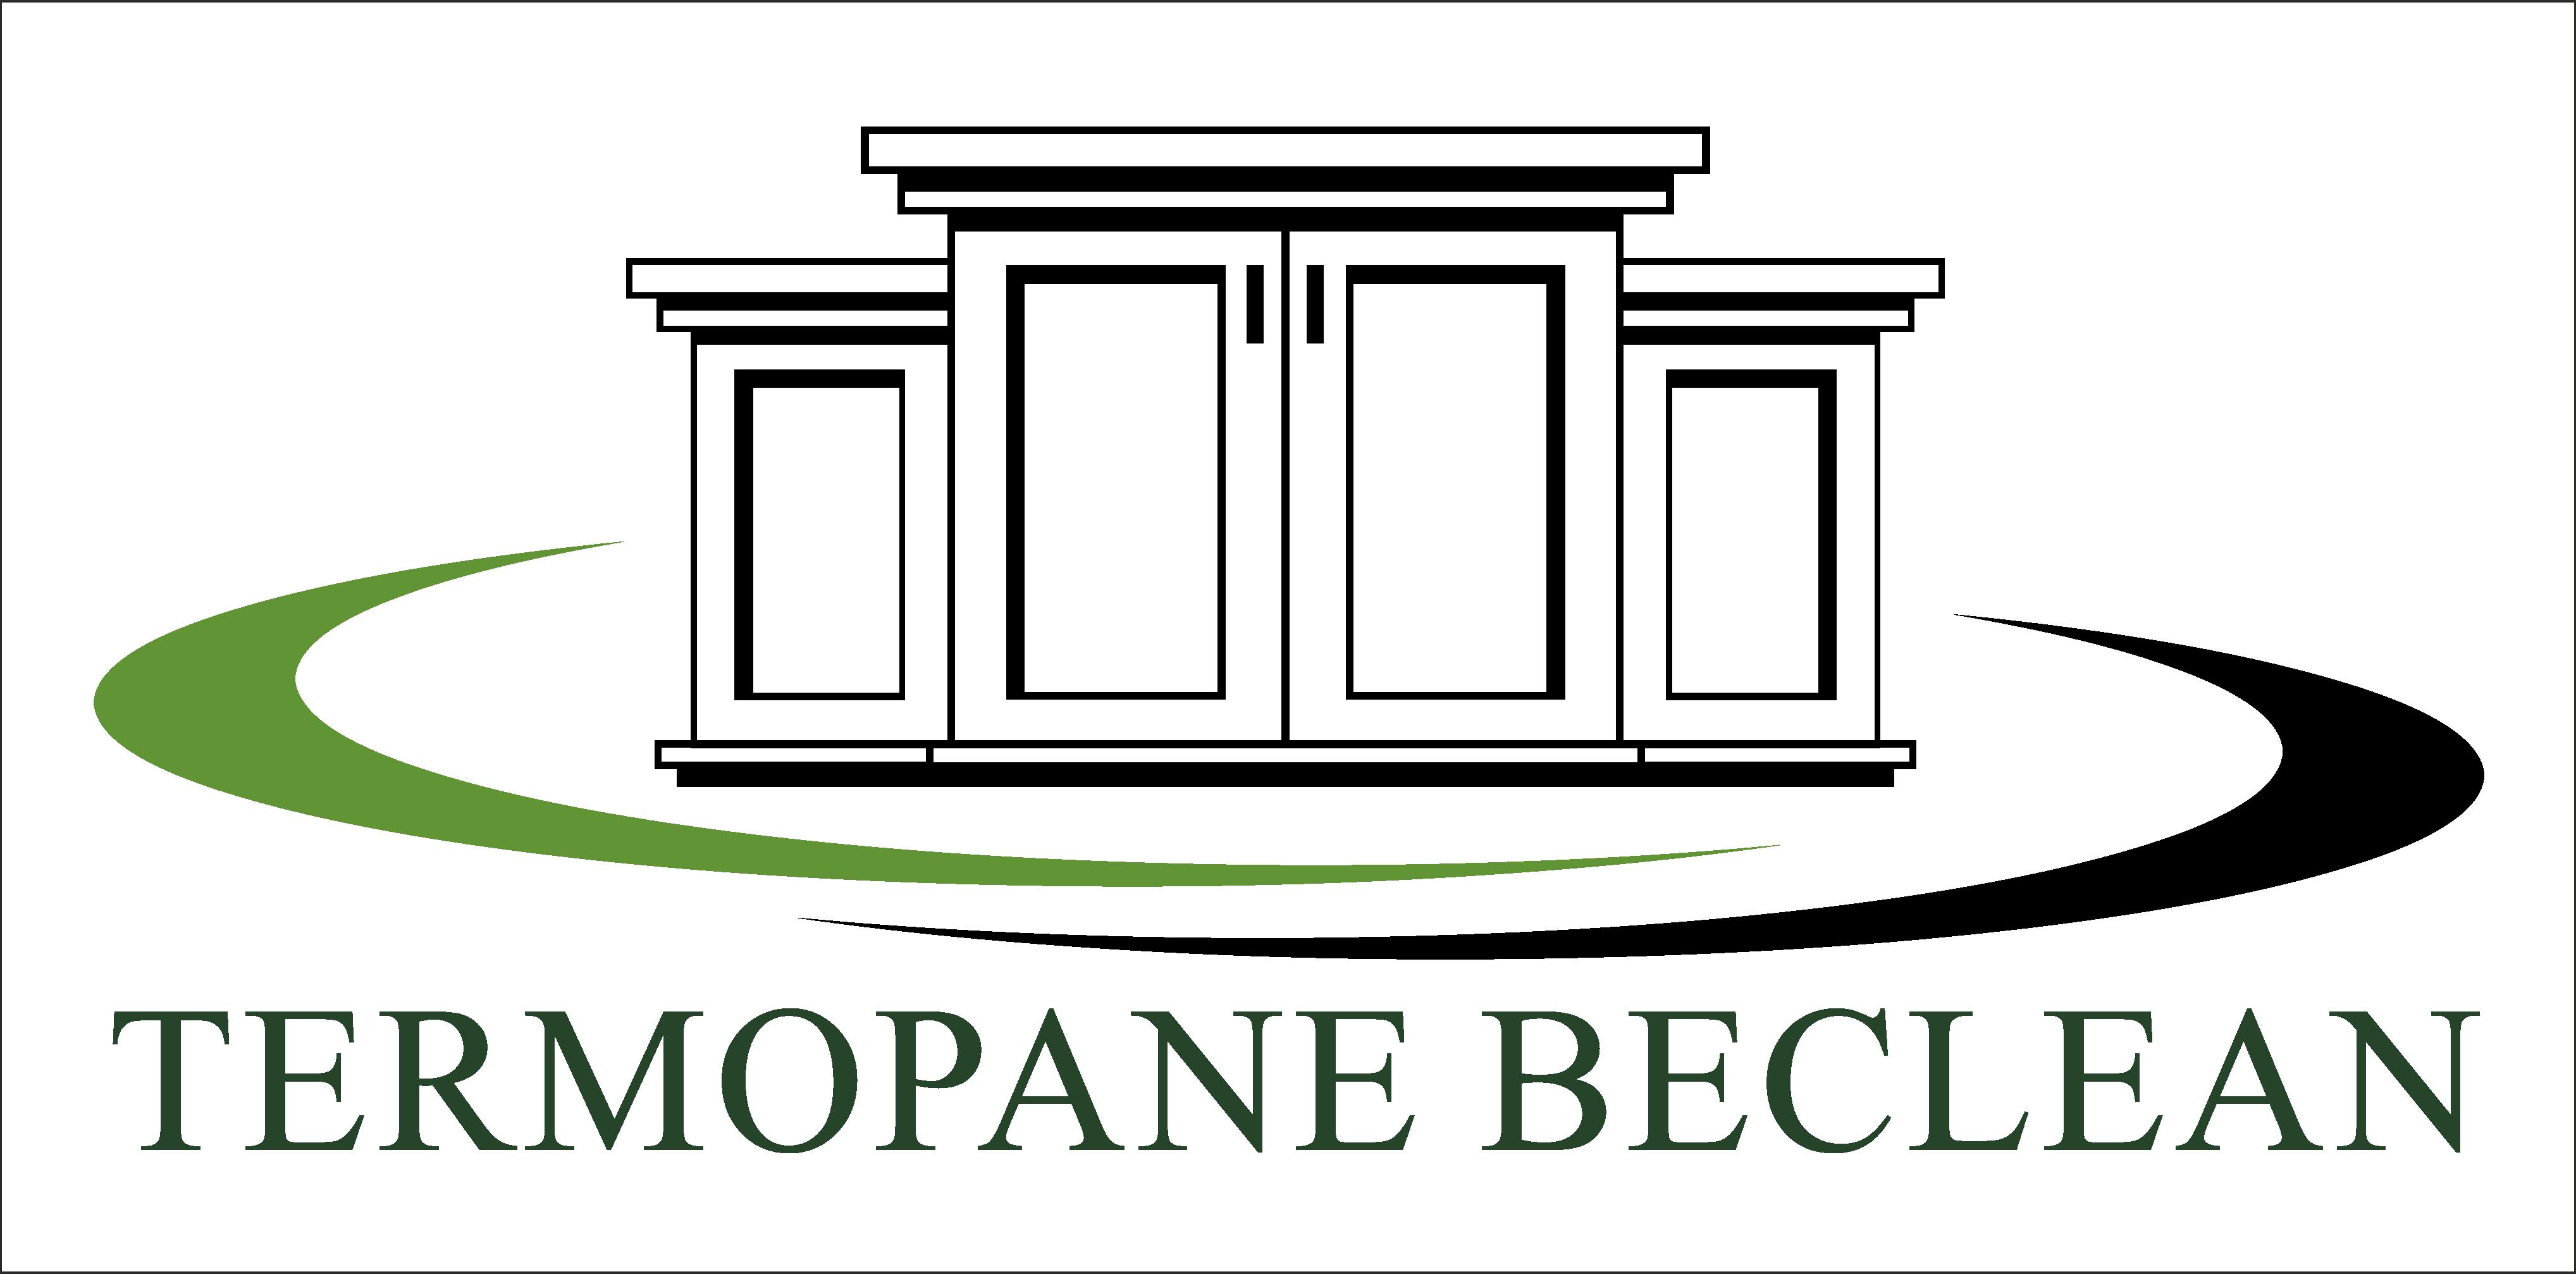 Termopane Beclean